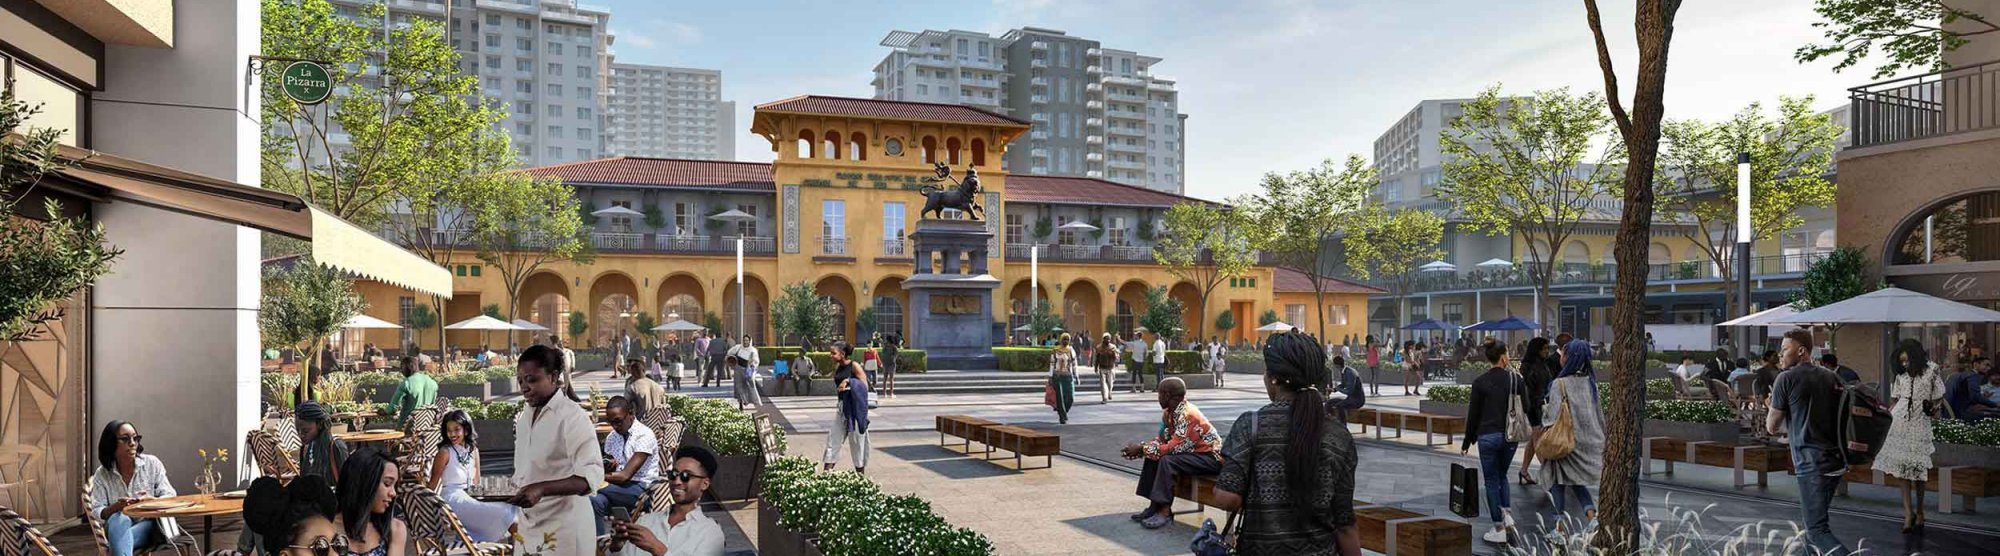 La Gare Plaza Ethiopia